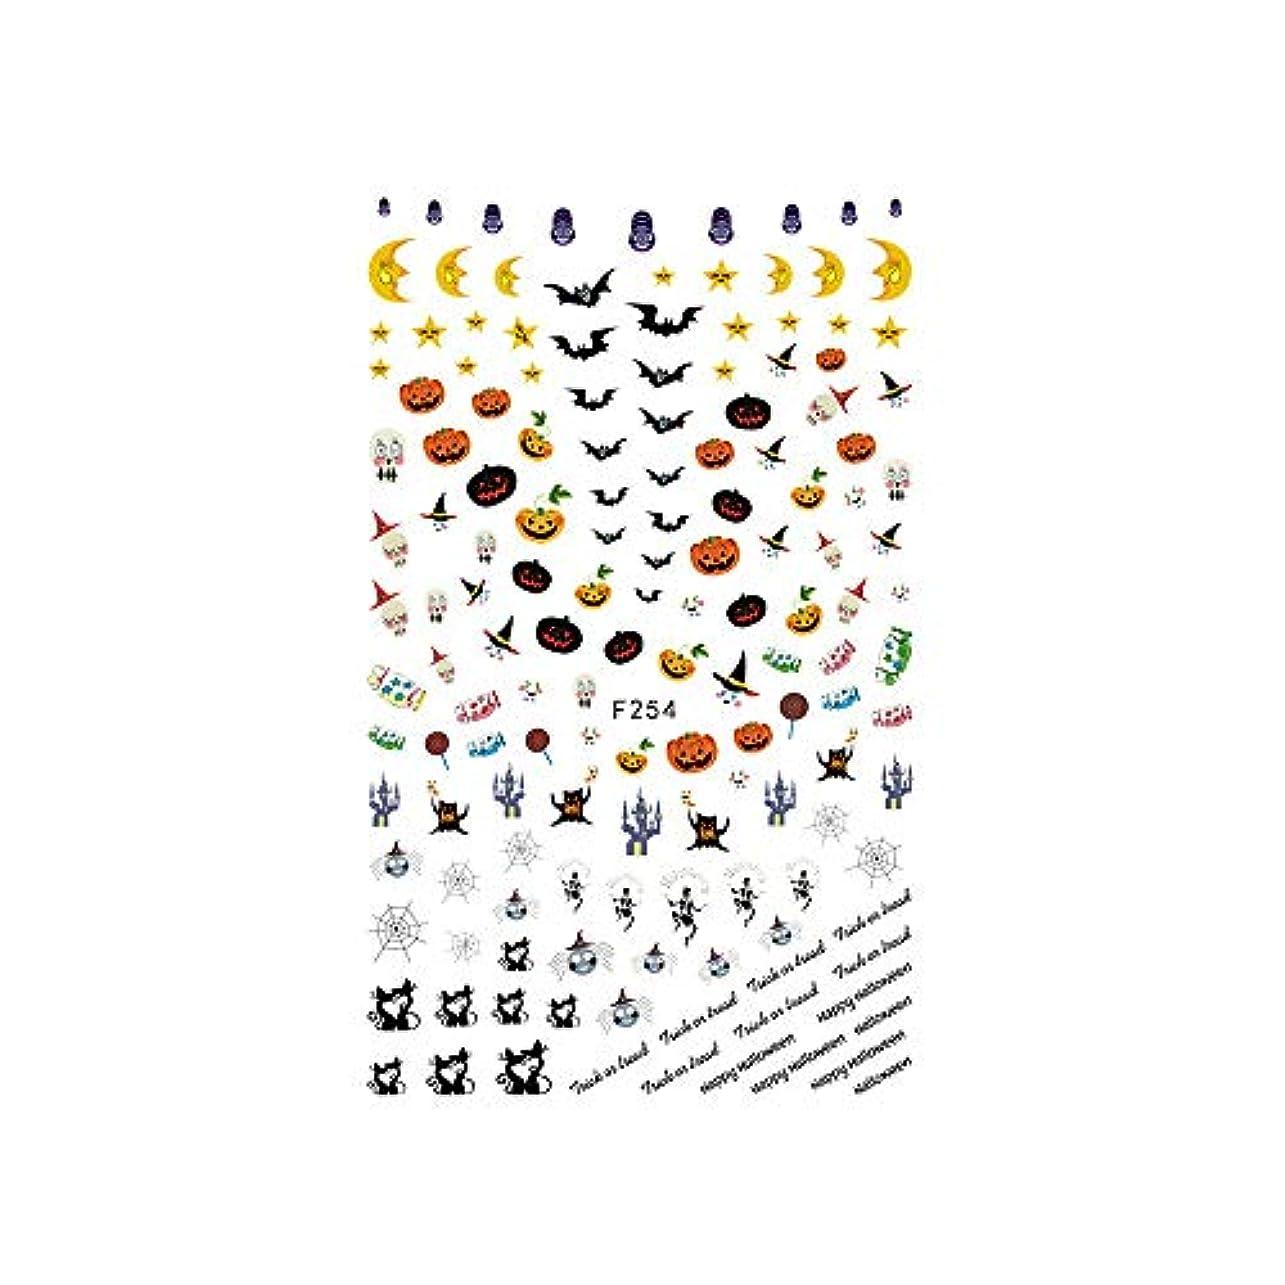 制限する有彩色の切るirogel イロジェル ネイルシール ハロウィンバラエティシール 【F254】ハロウィン ランタン おばけ スカル スパイダー 魔女